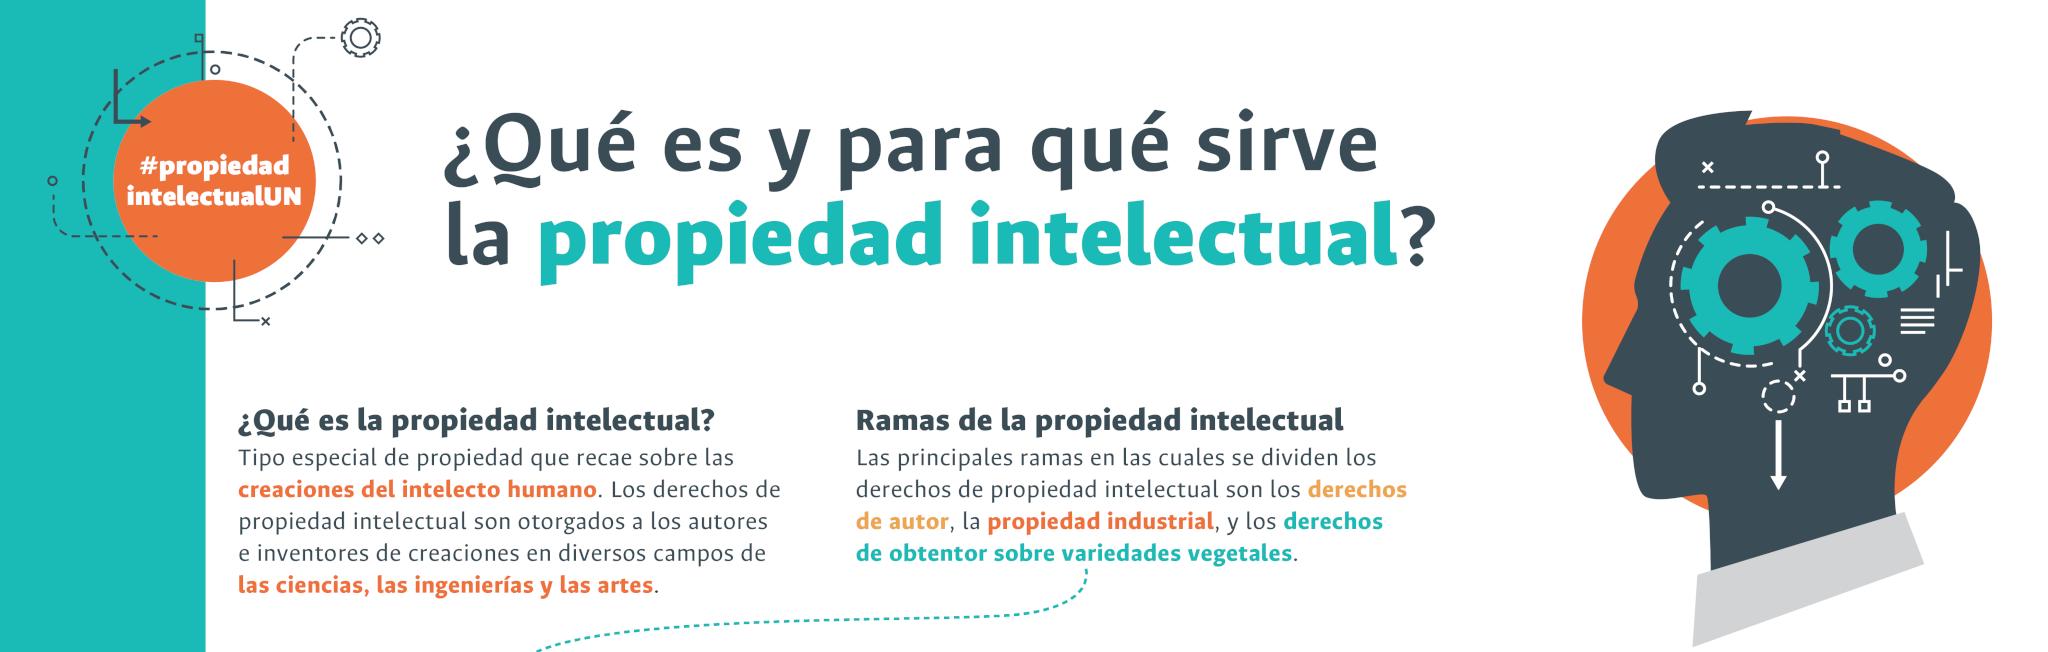 ¿Qué es y para qué sirve la propiedad intelectual?